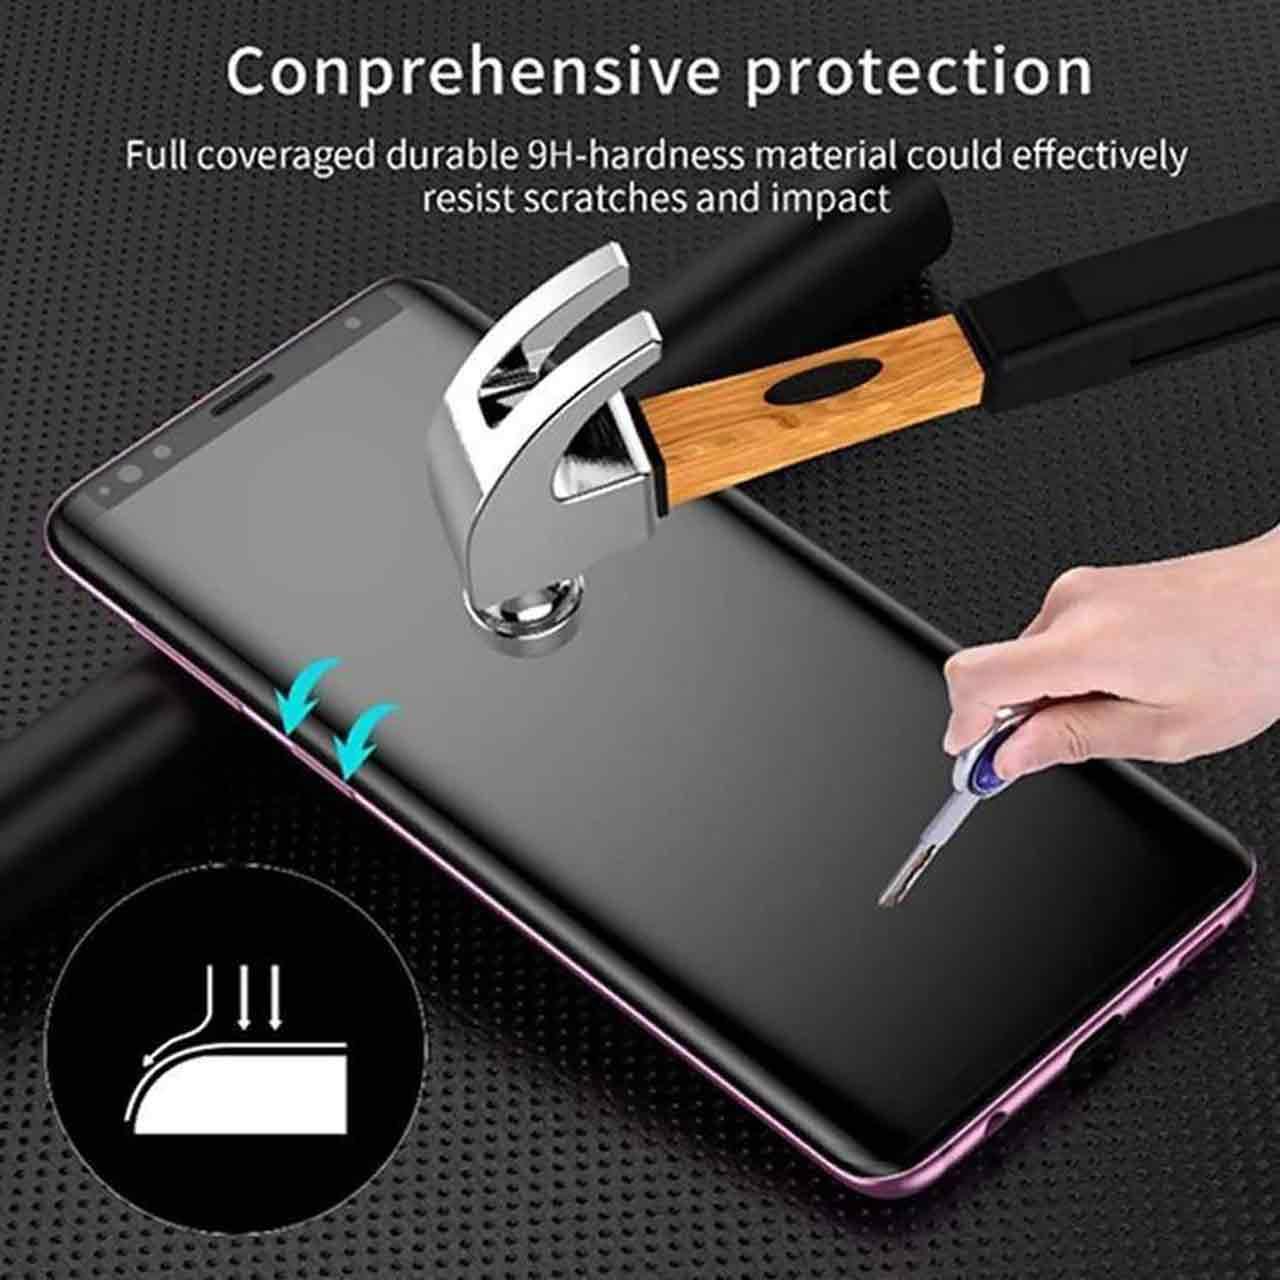 محافظ صفحه نمایش یووی لایت پنتاکس مدل UPRO مناسب برای گوشی موبایل شیائومی Mi Note 10 pro              ( قیمت و خرید)